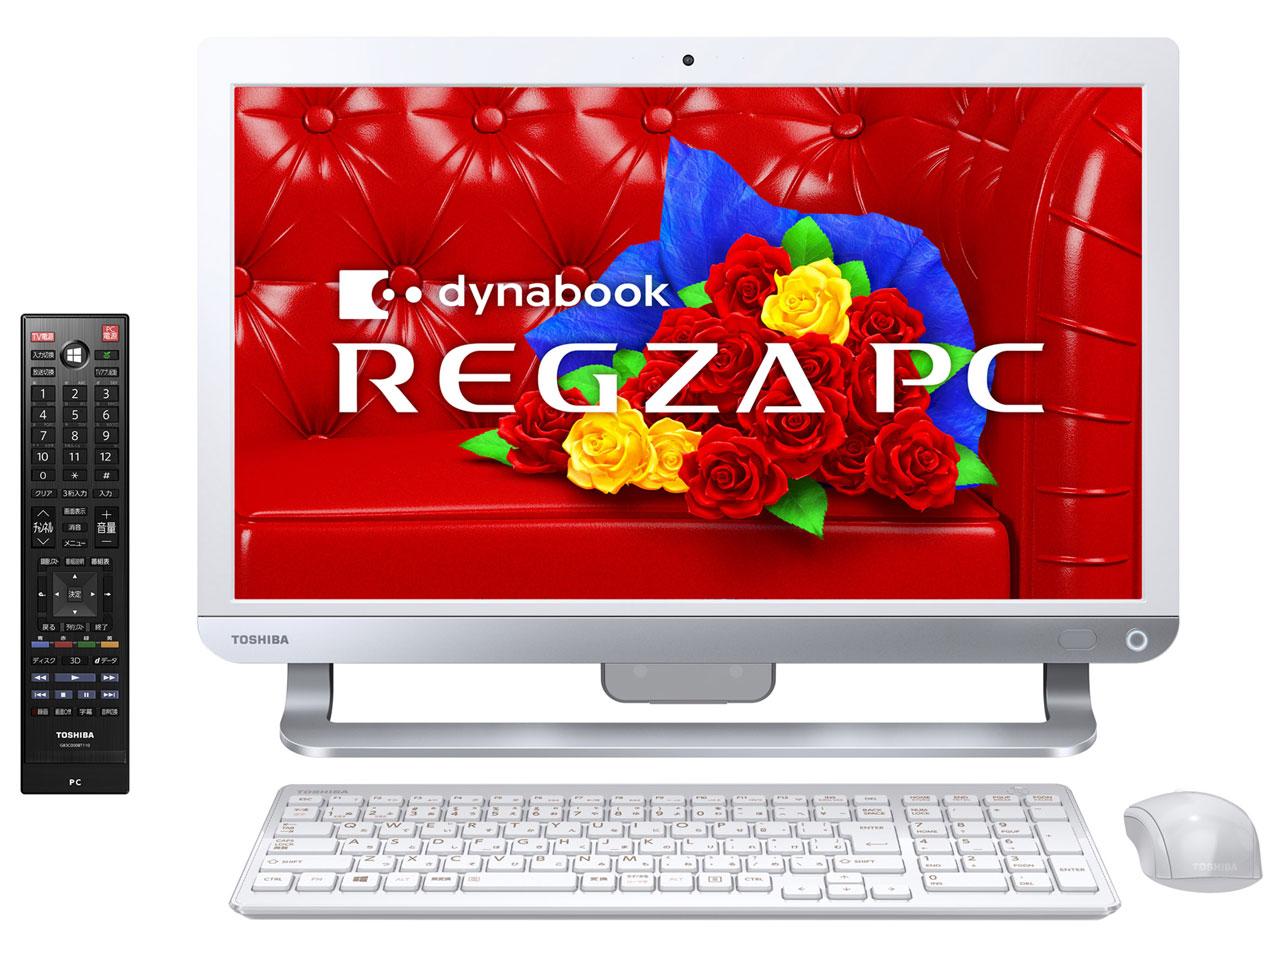 【送料無料】東芝 PD713T3LSXW リュクスホワイト dynabook REGZA PC D713/T3LW [デスクトップパソ...